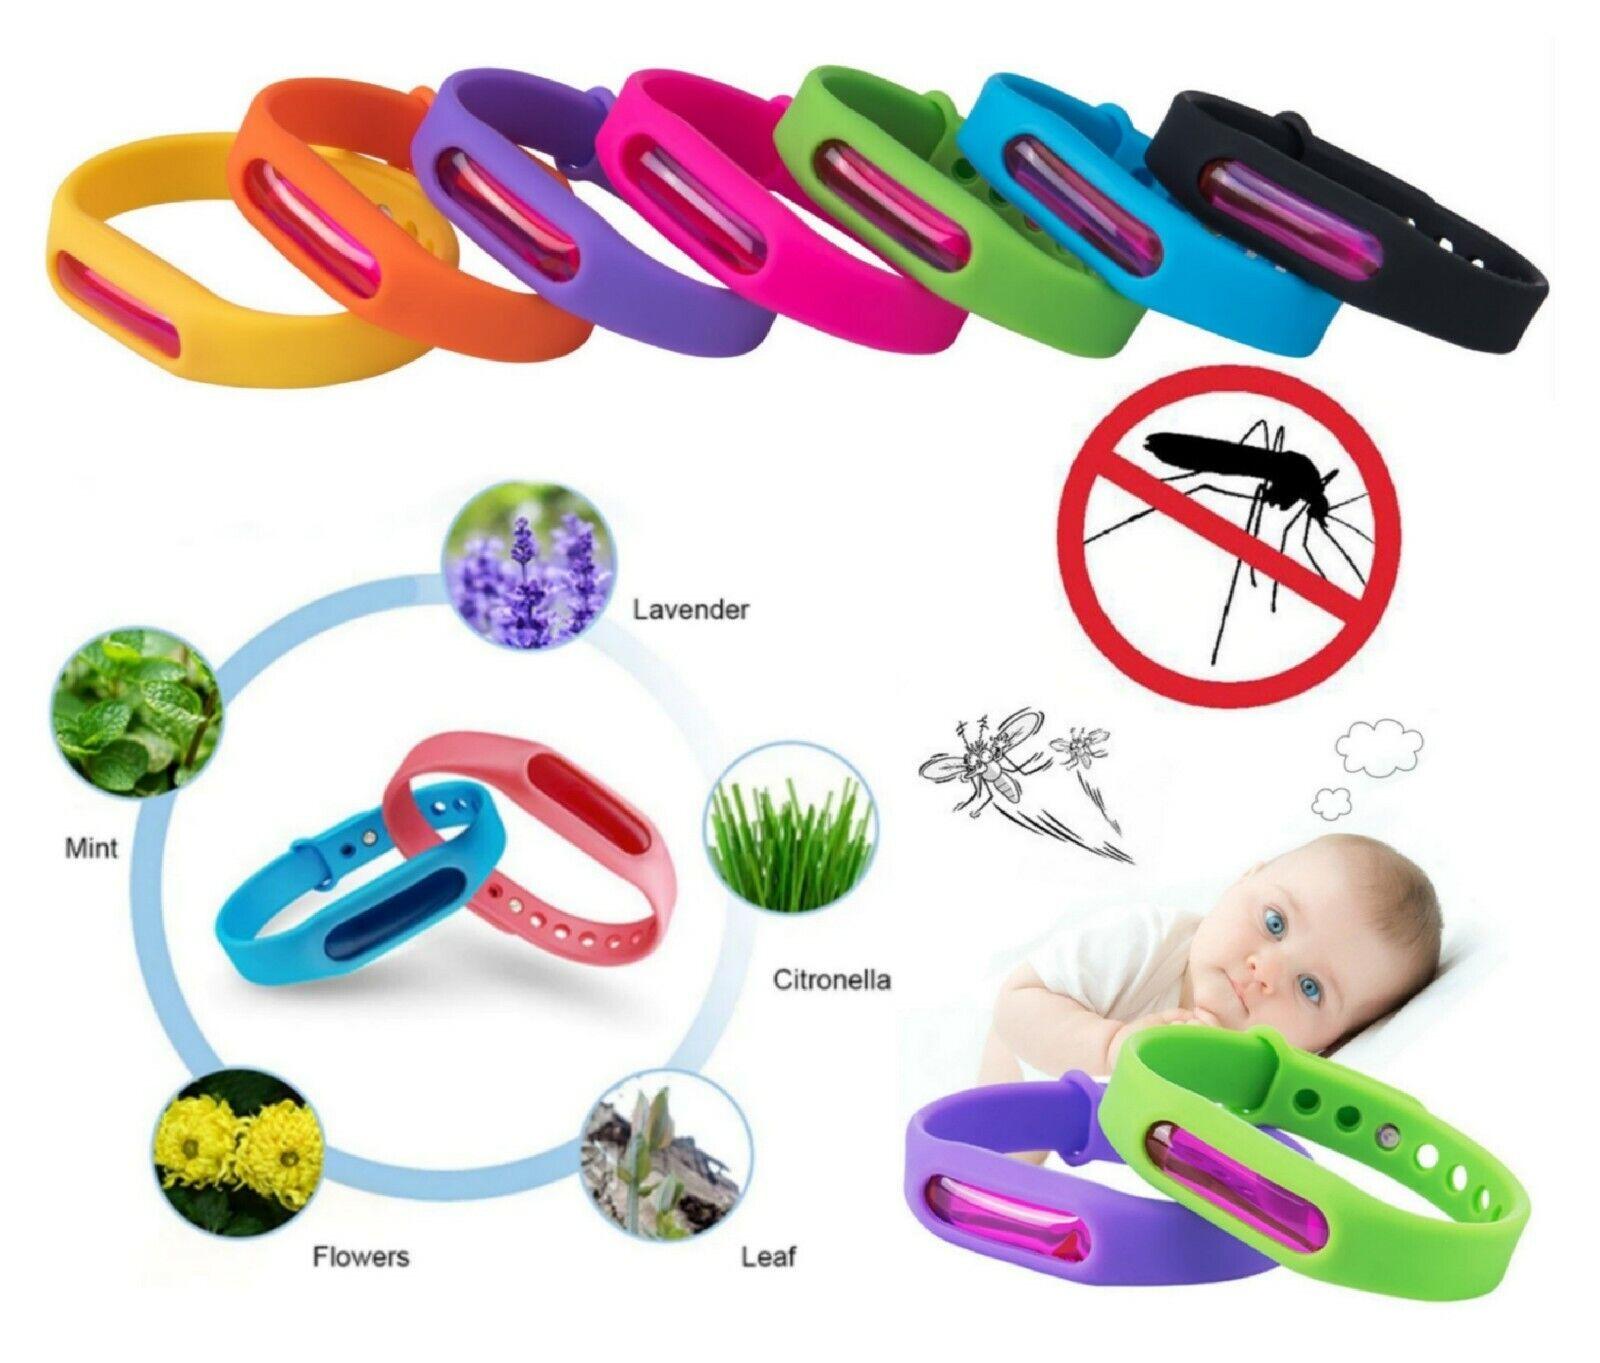 Mückenarmband Anti-Mücken Armband Moskito Mückenschutz Insektenschutz Viele Öle